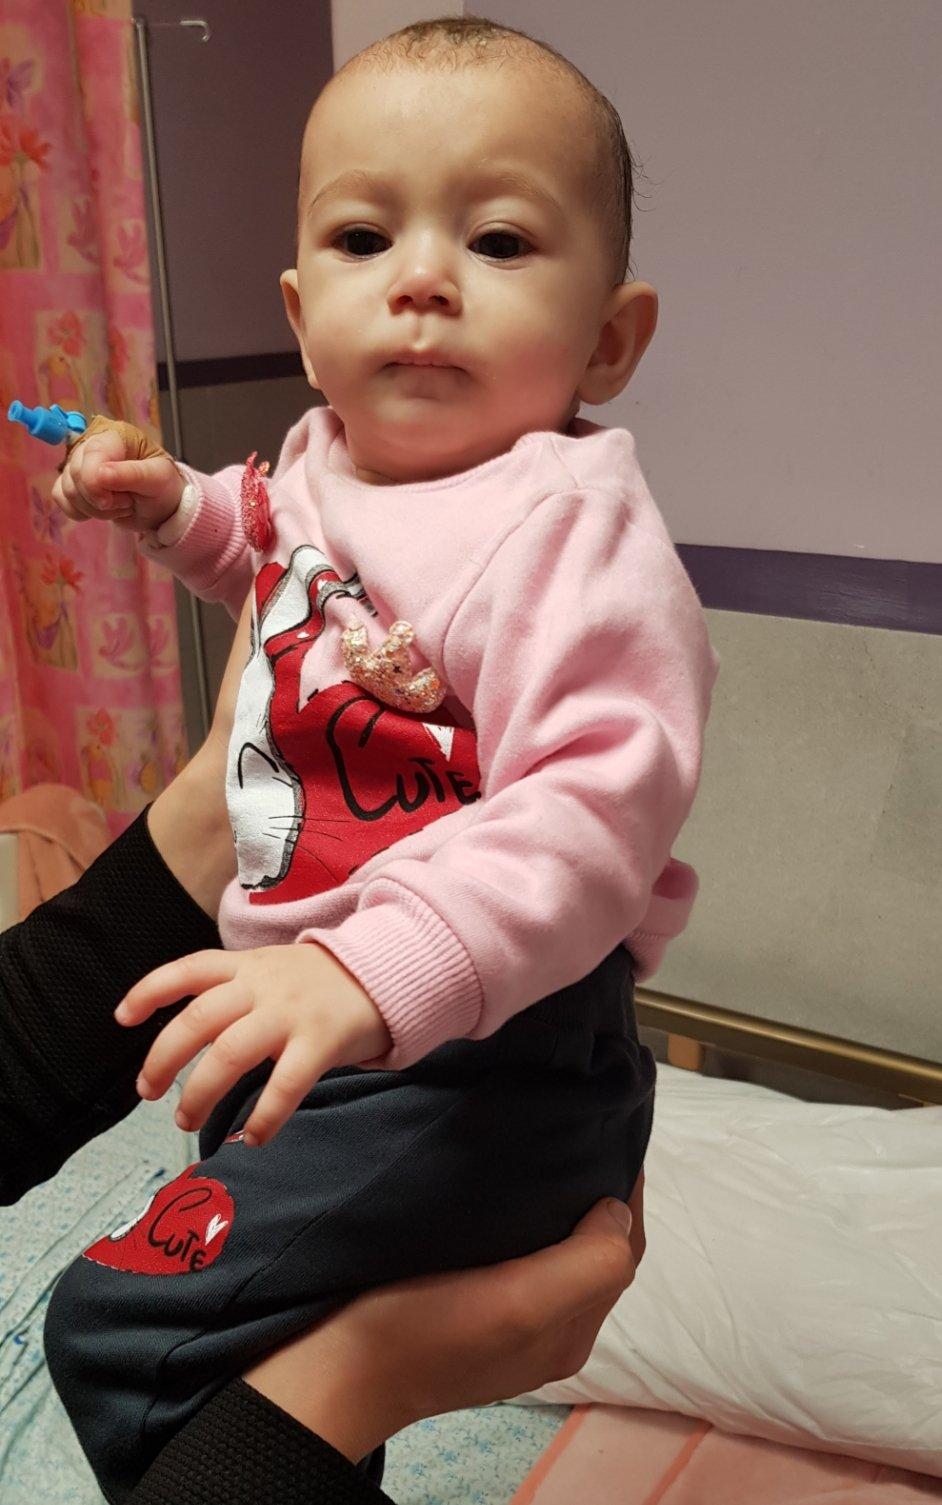 جراحة قلب الأطفال في المقاصد تنجح بإغلاق ثقب بين البطينين في قلب رضيعة بواسطة القسطرة